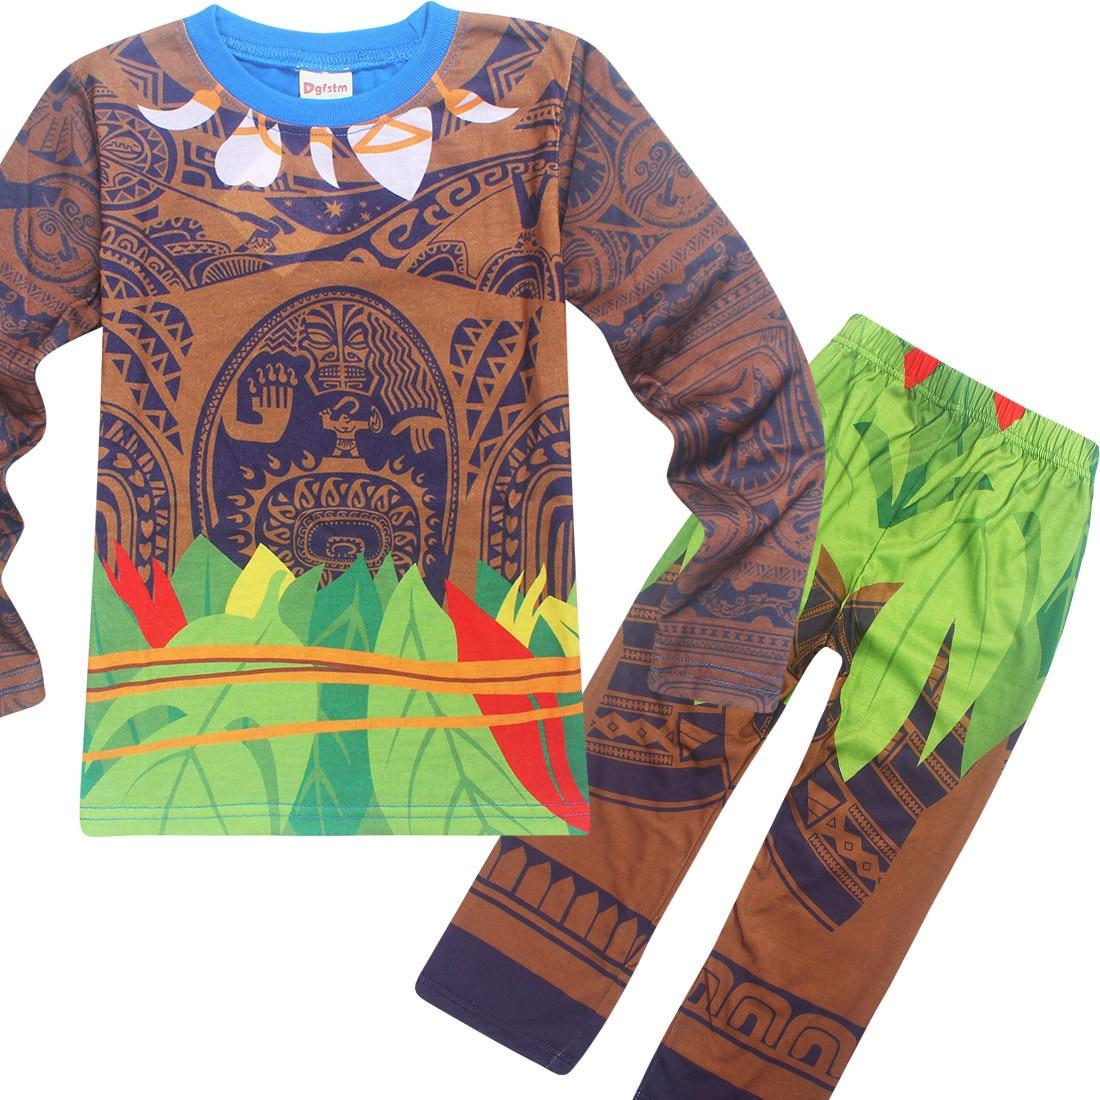 ab7d50cdad149 Maui Garçons Nuit Moana vaiana Costume Filles Pyjamas de noël Pyjama  Enfants Garçons Pyjamas À Manches Longues T shirt + Impression vêtements  Ensemble dans ...